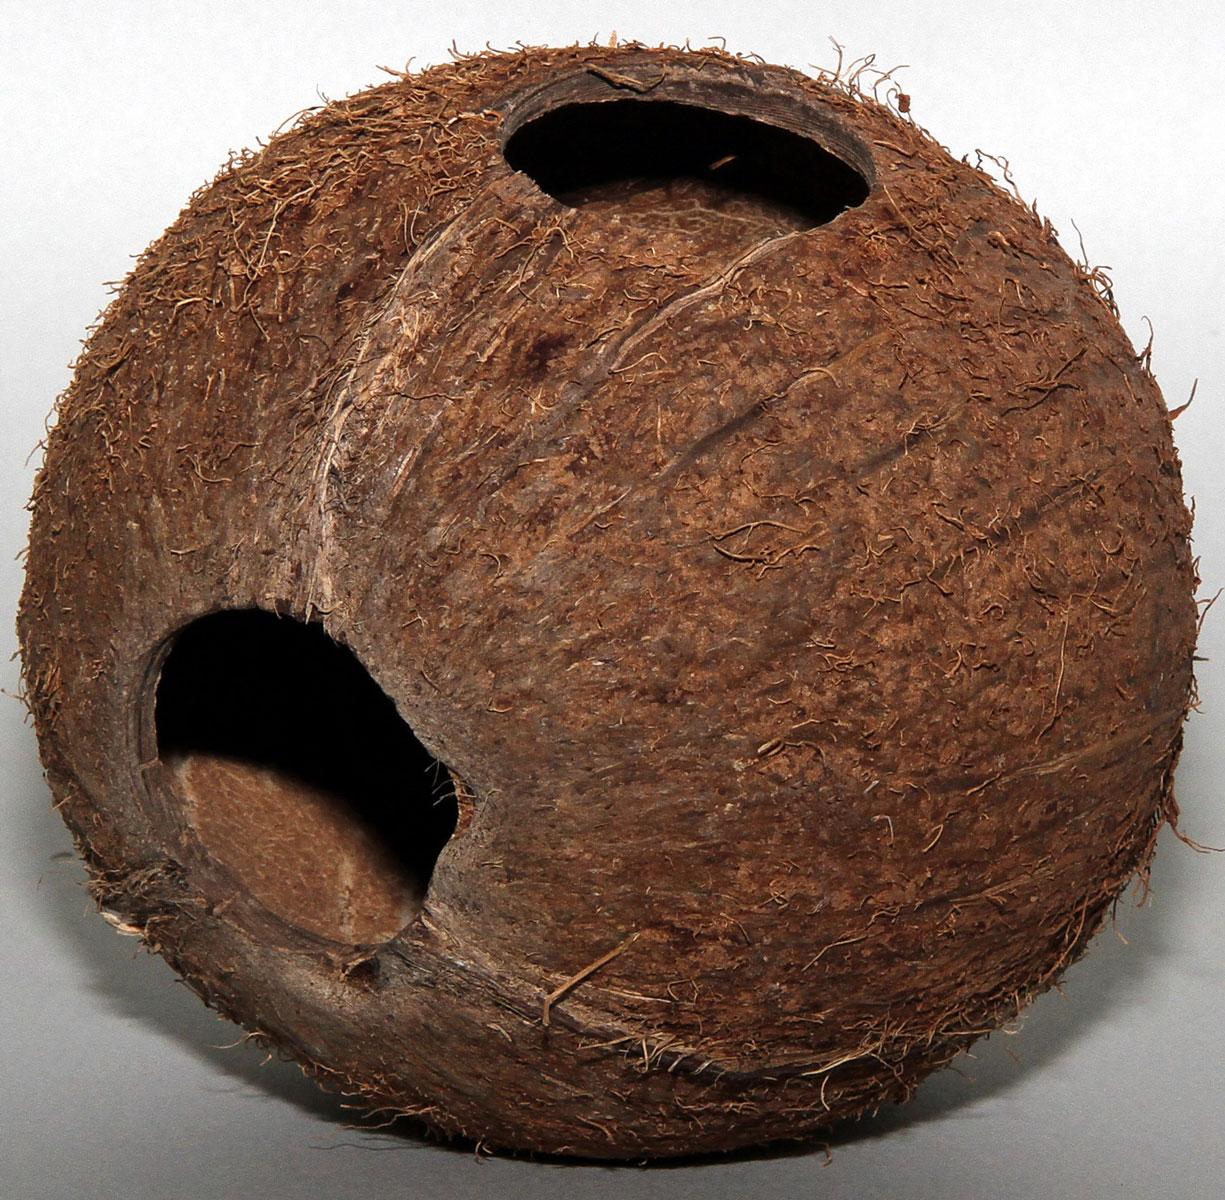 Пещера из целой кожуры кокоса JBL Cocos Cava, большого размераJBL6151300JBL Cocos Cava - Пещера из целой кожуры кокоса большого размера